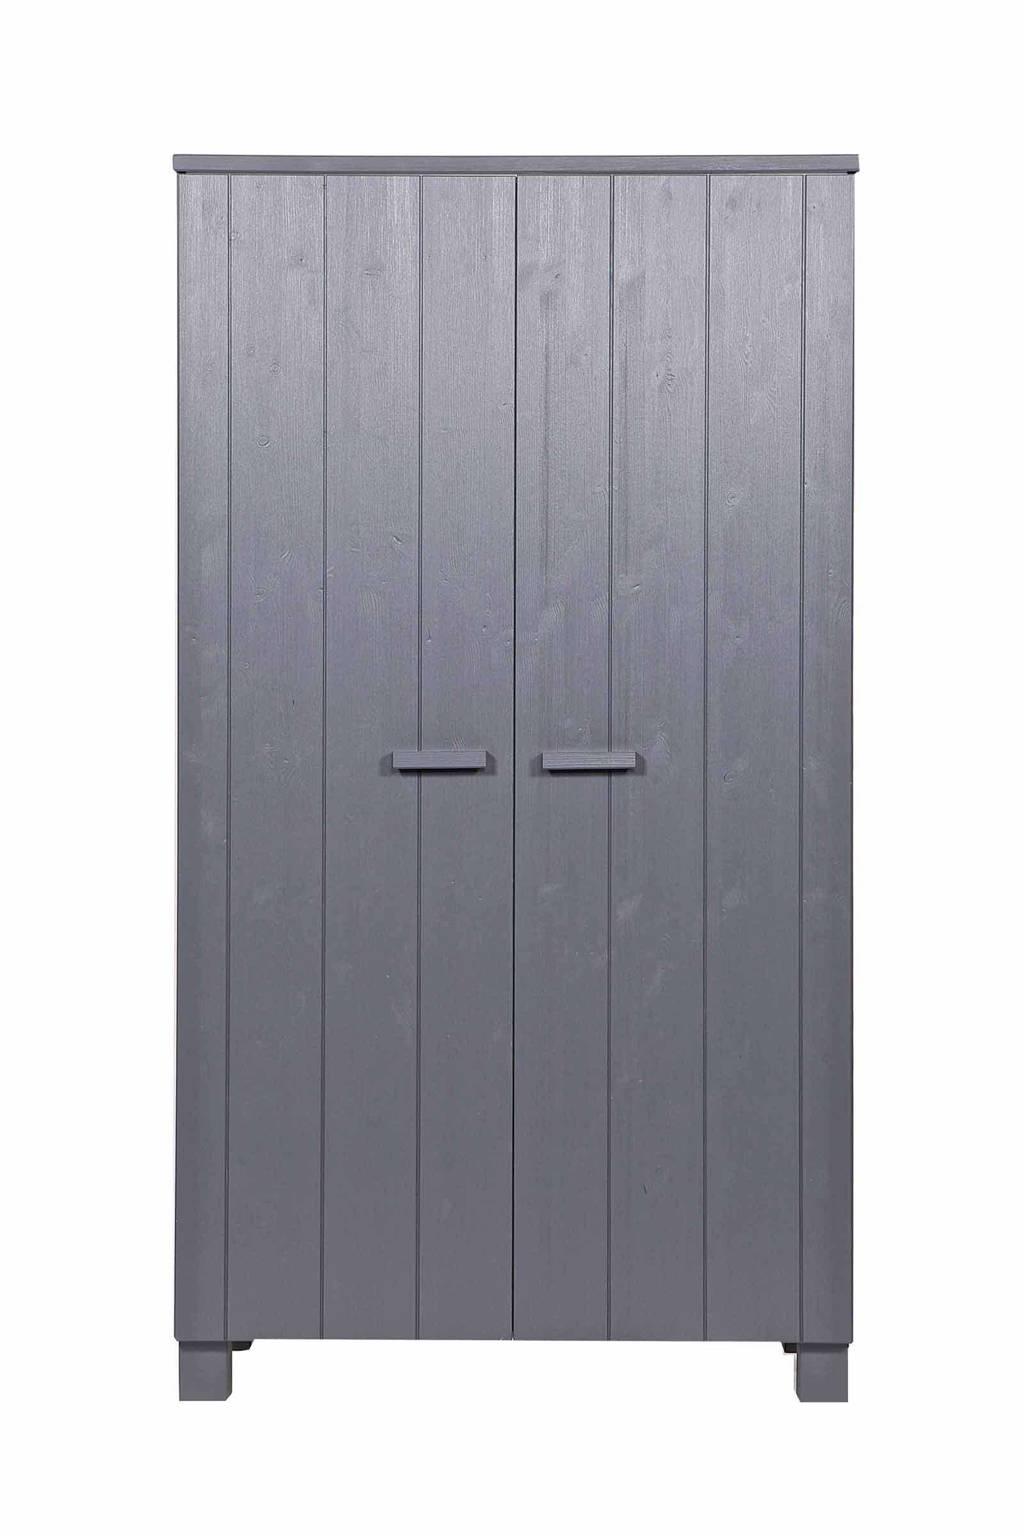 Woood 2-deurs kledingkast Dennis, Steel grey